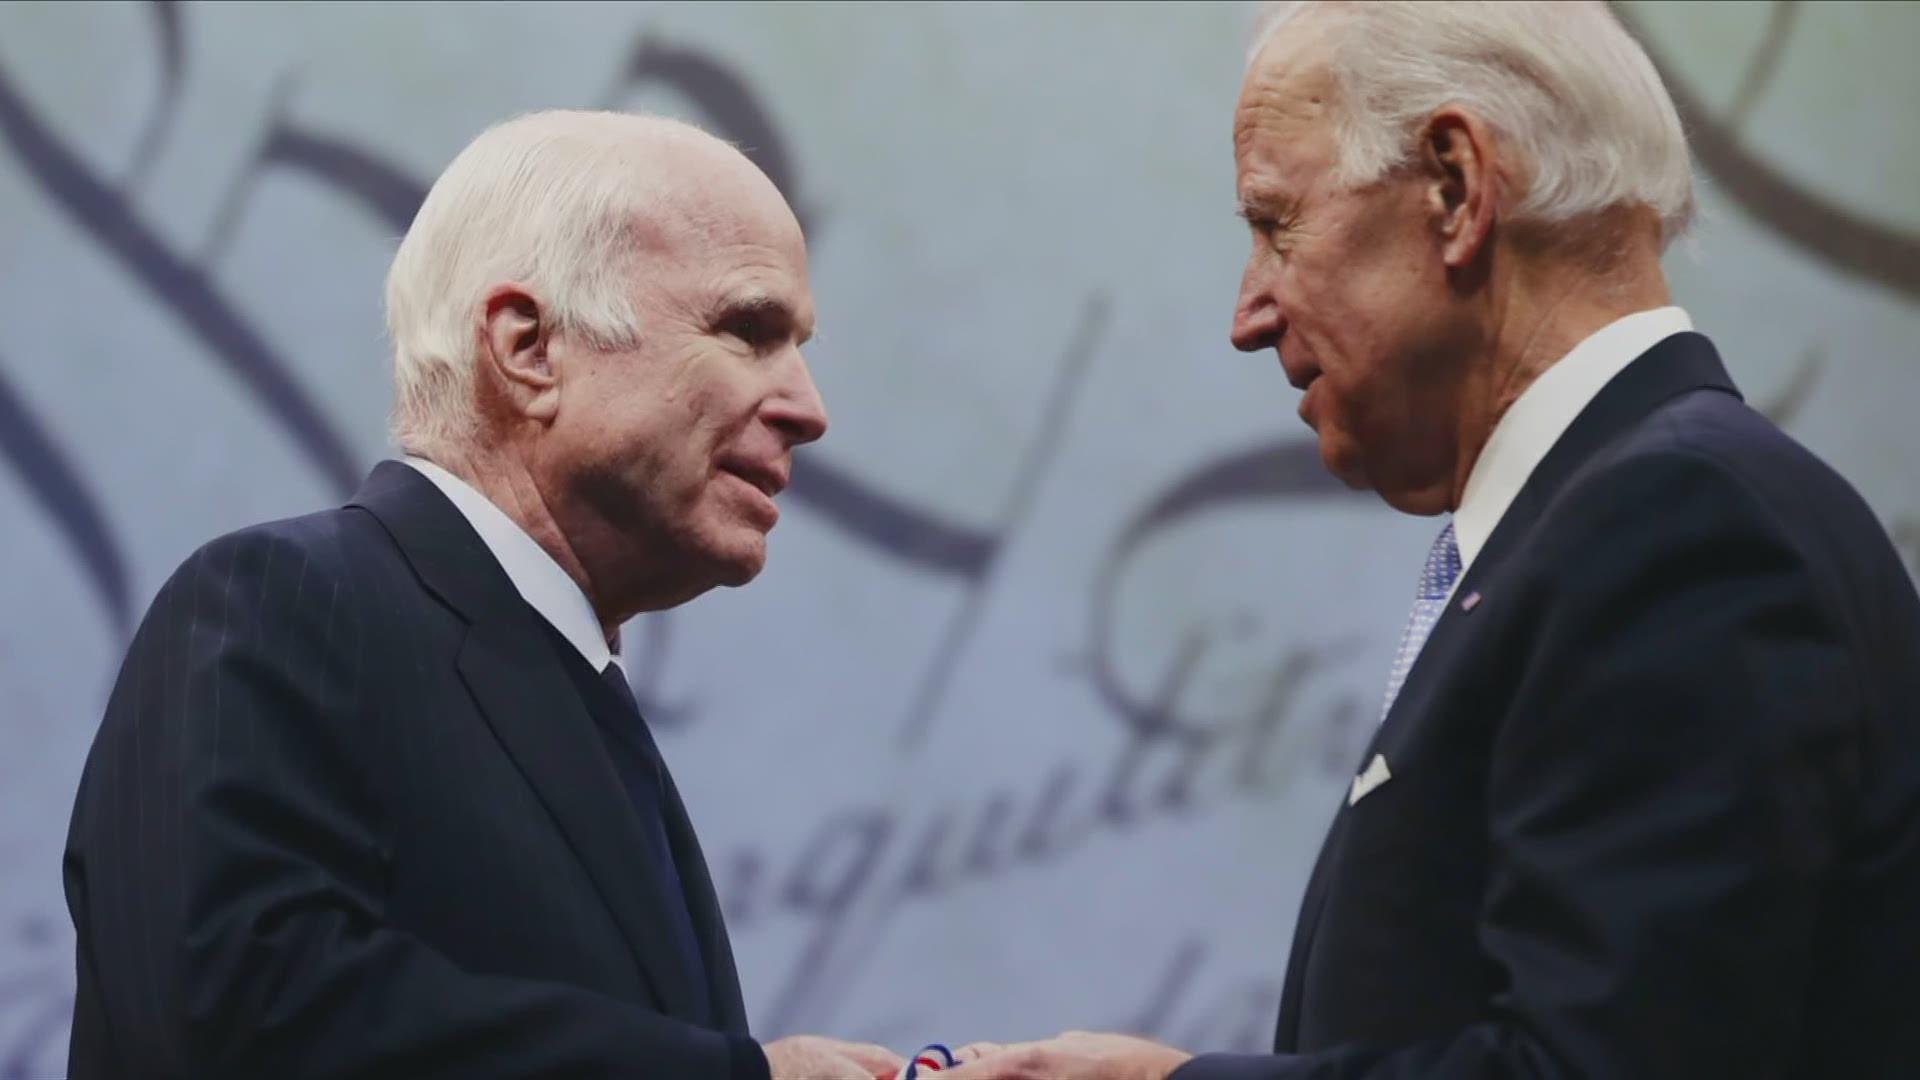 Cindy Mccain Video About Joe Biden John Mccain To Air At Dnc King5 Com